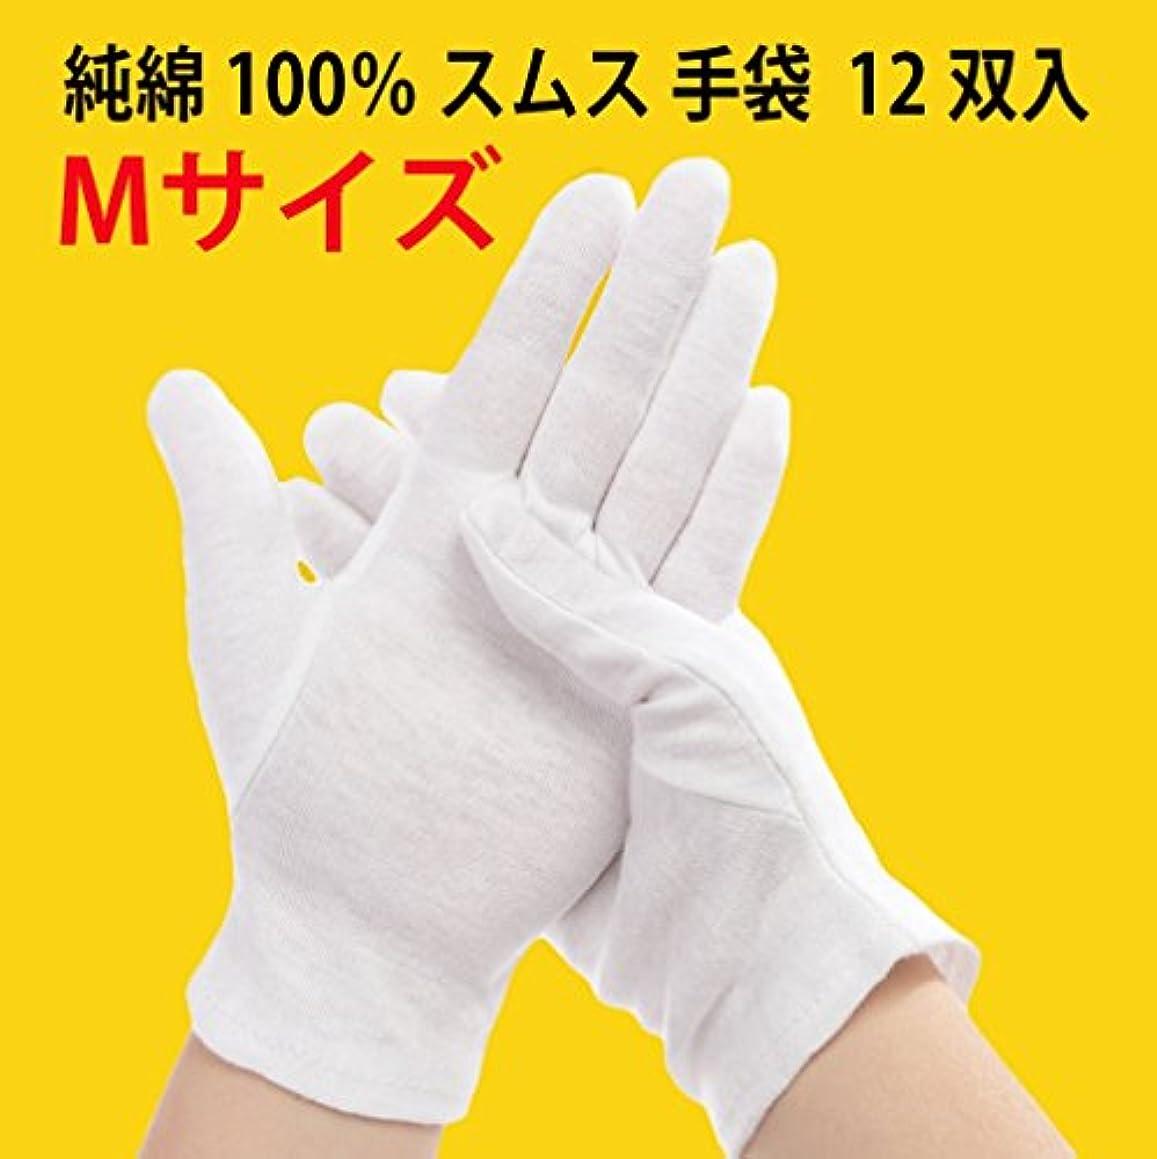 限り霧深い円形の純綿100% スムス 手袋 Mサイズ 12双 多用途 101115